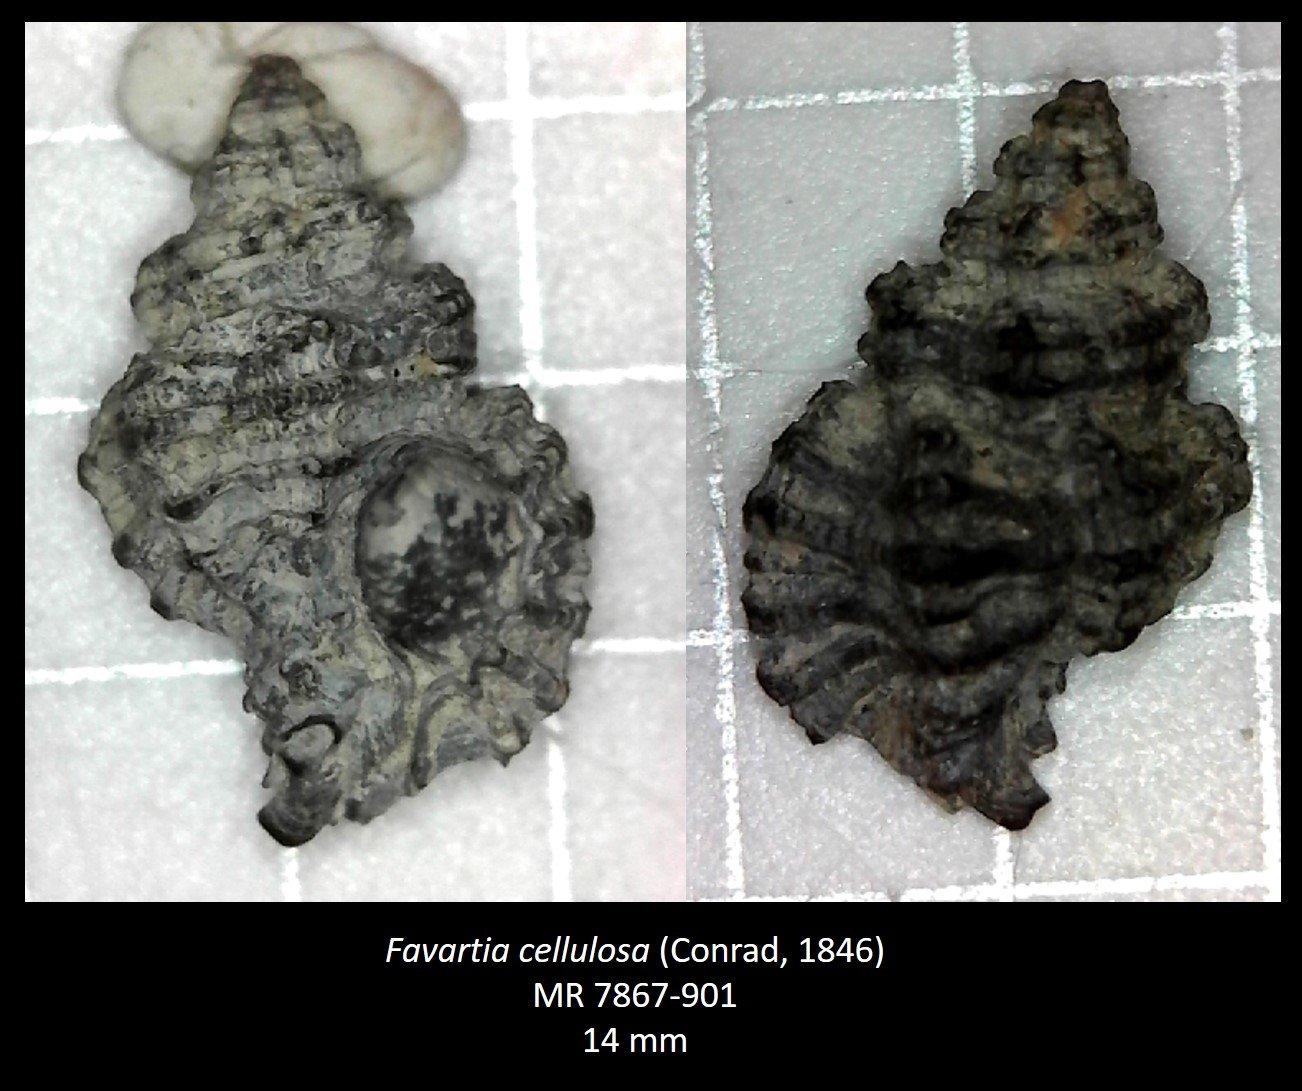 Favartia cellulosa